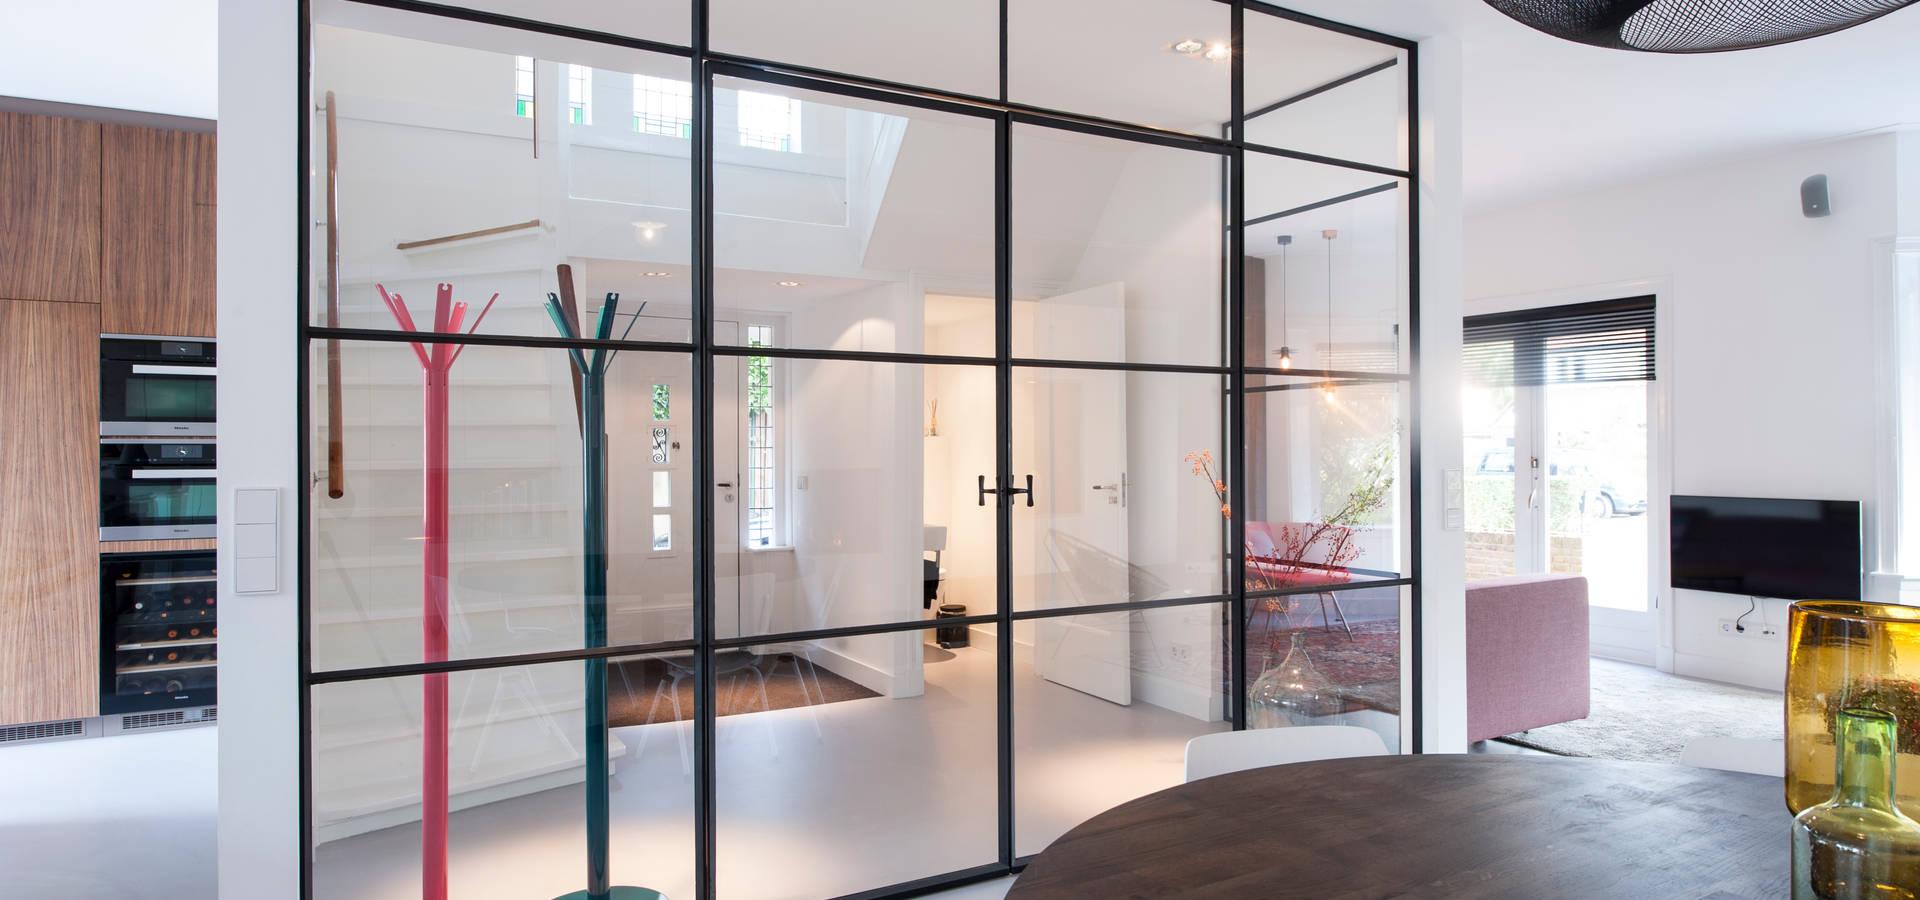 StrandNL architectuur en interieur